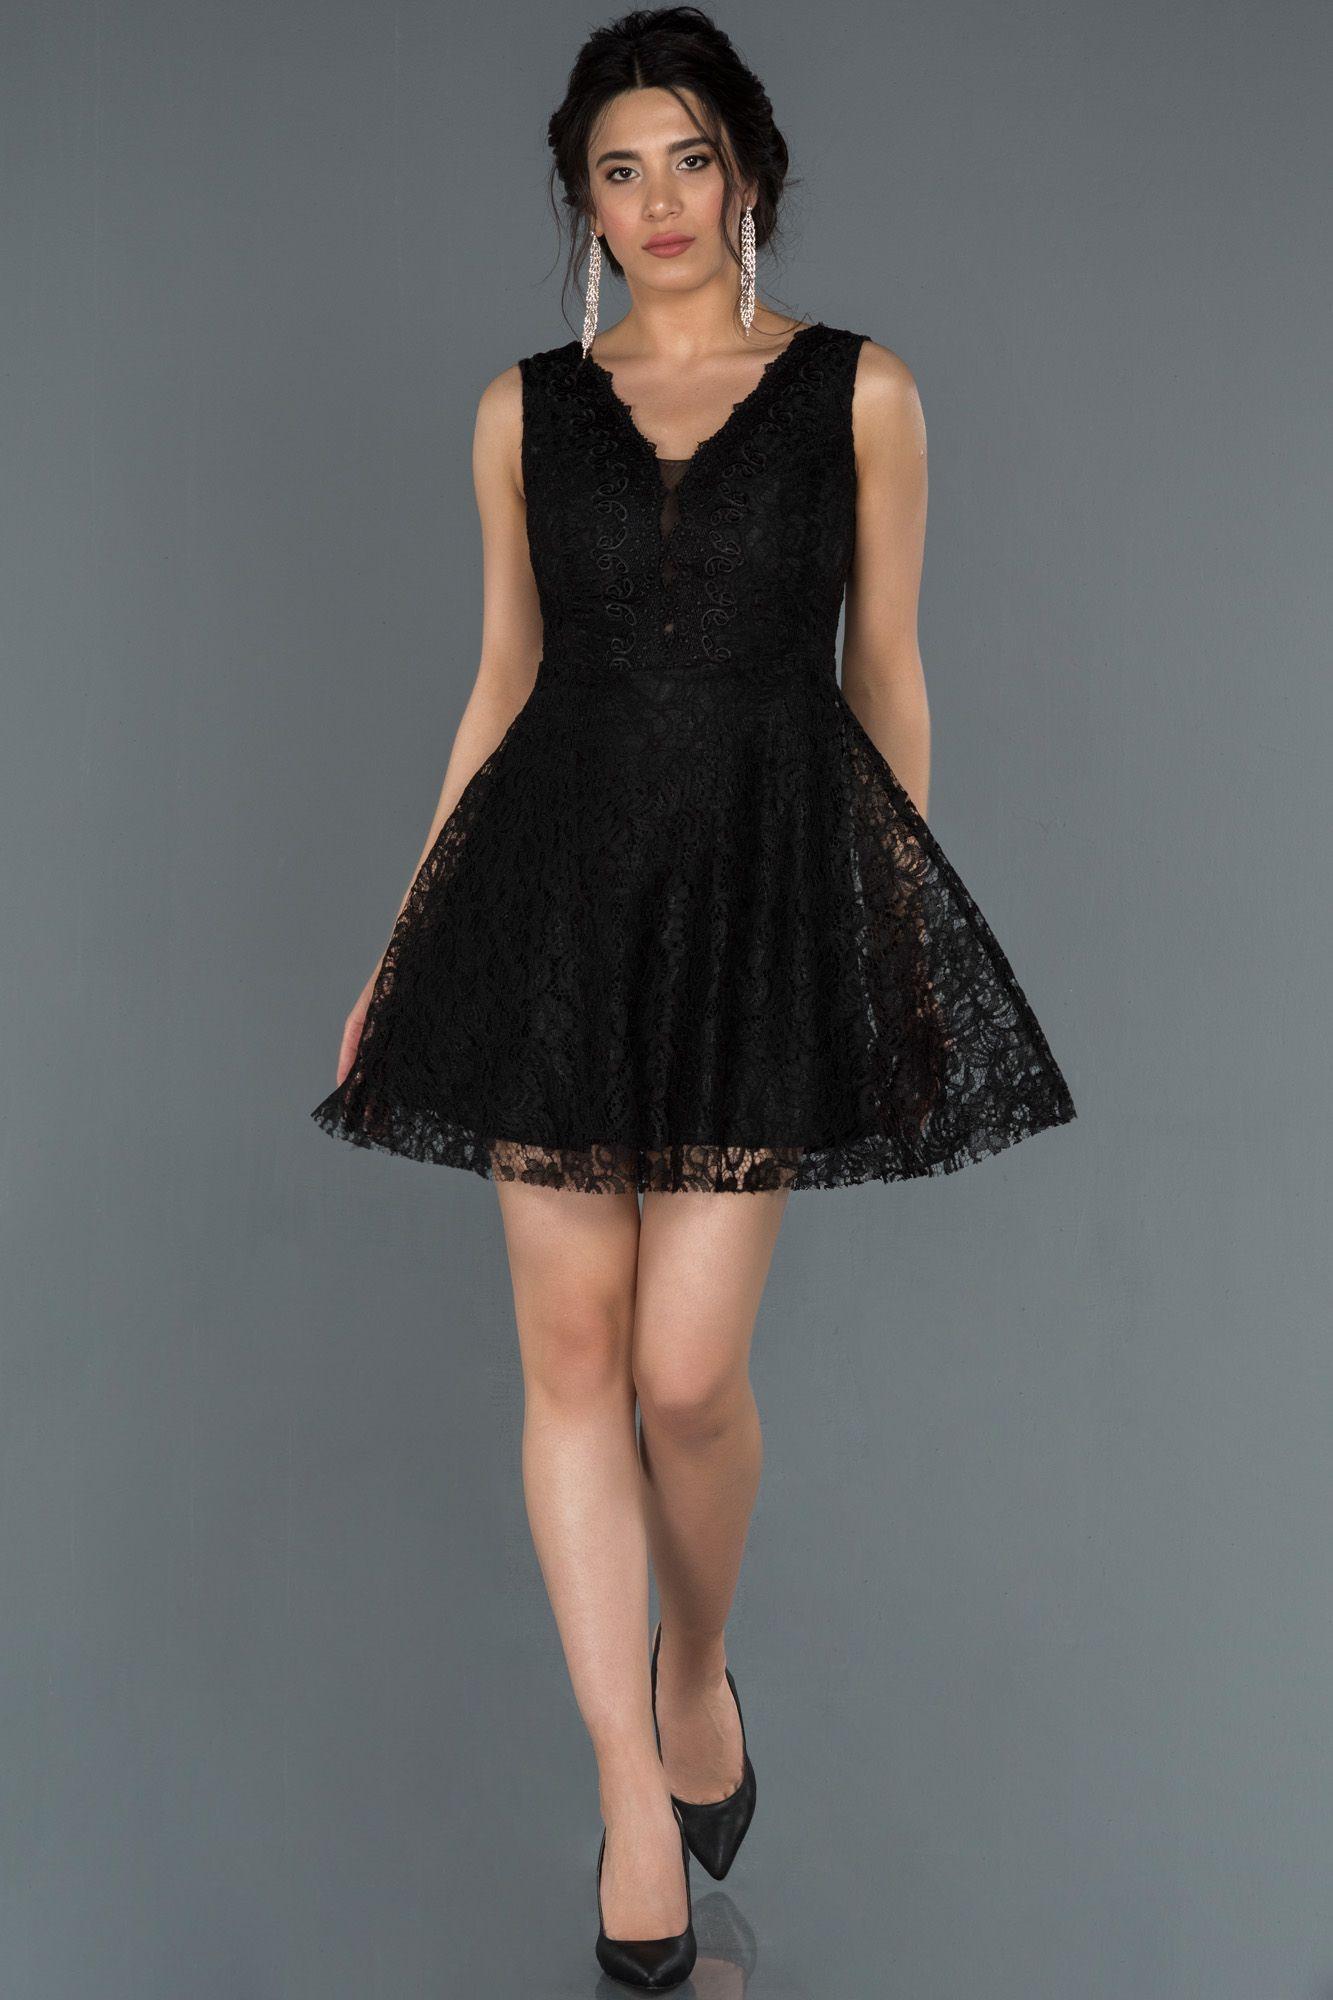 Siyah Kisa Dantelli Davet Elbisesi Abk781 2020 Elbise Modelleri The Dress Elbise